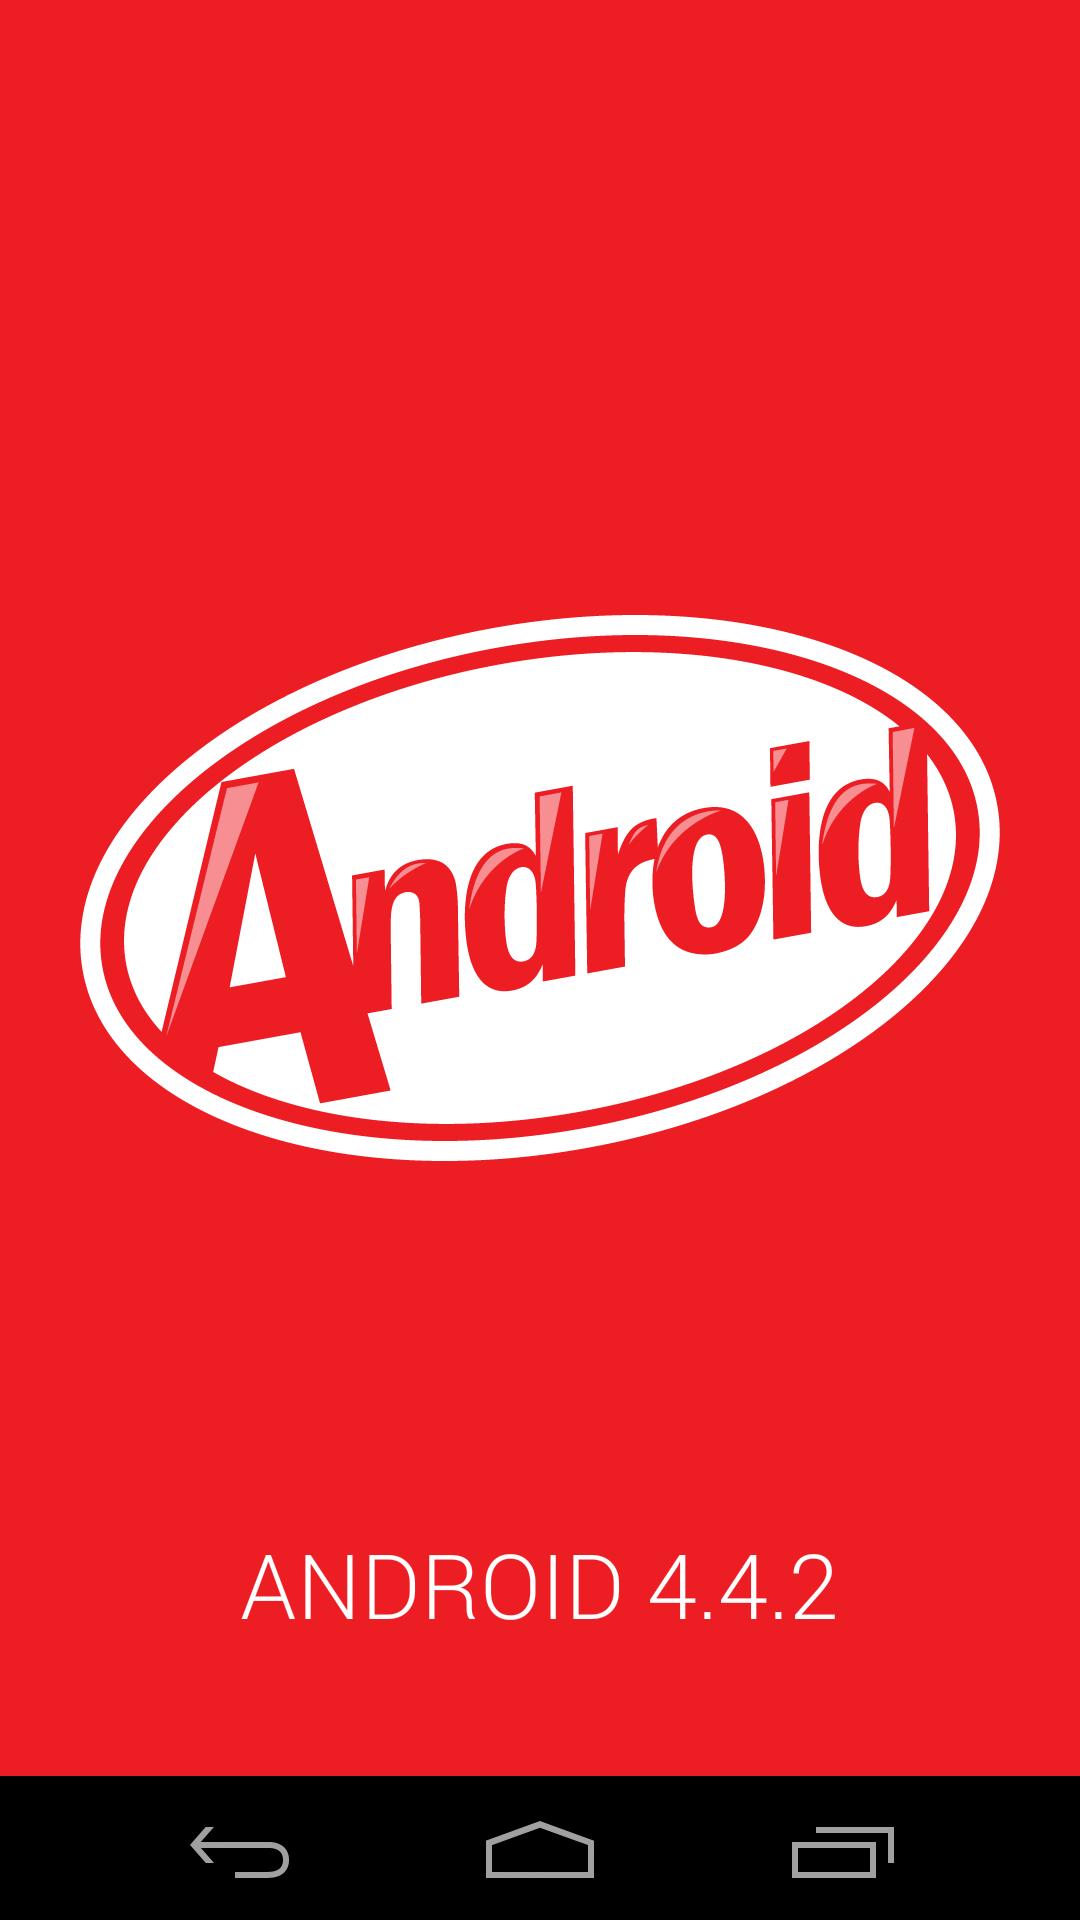 Nexus5 Android4.4.2 KitKat